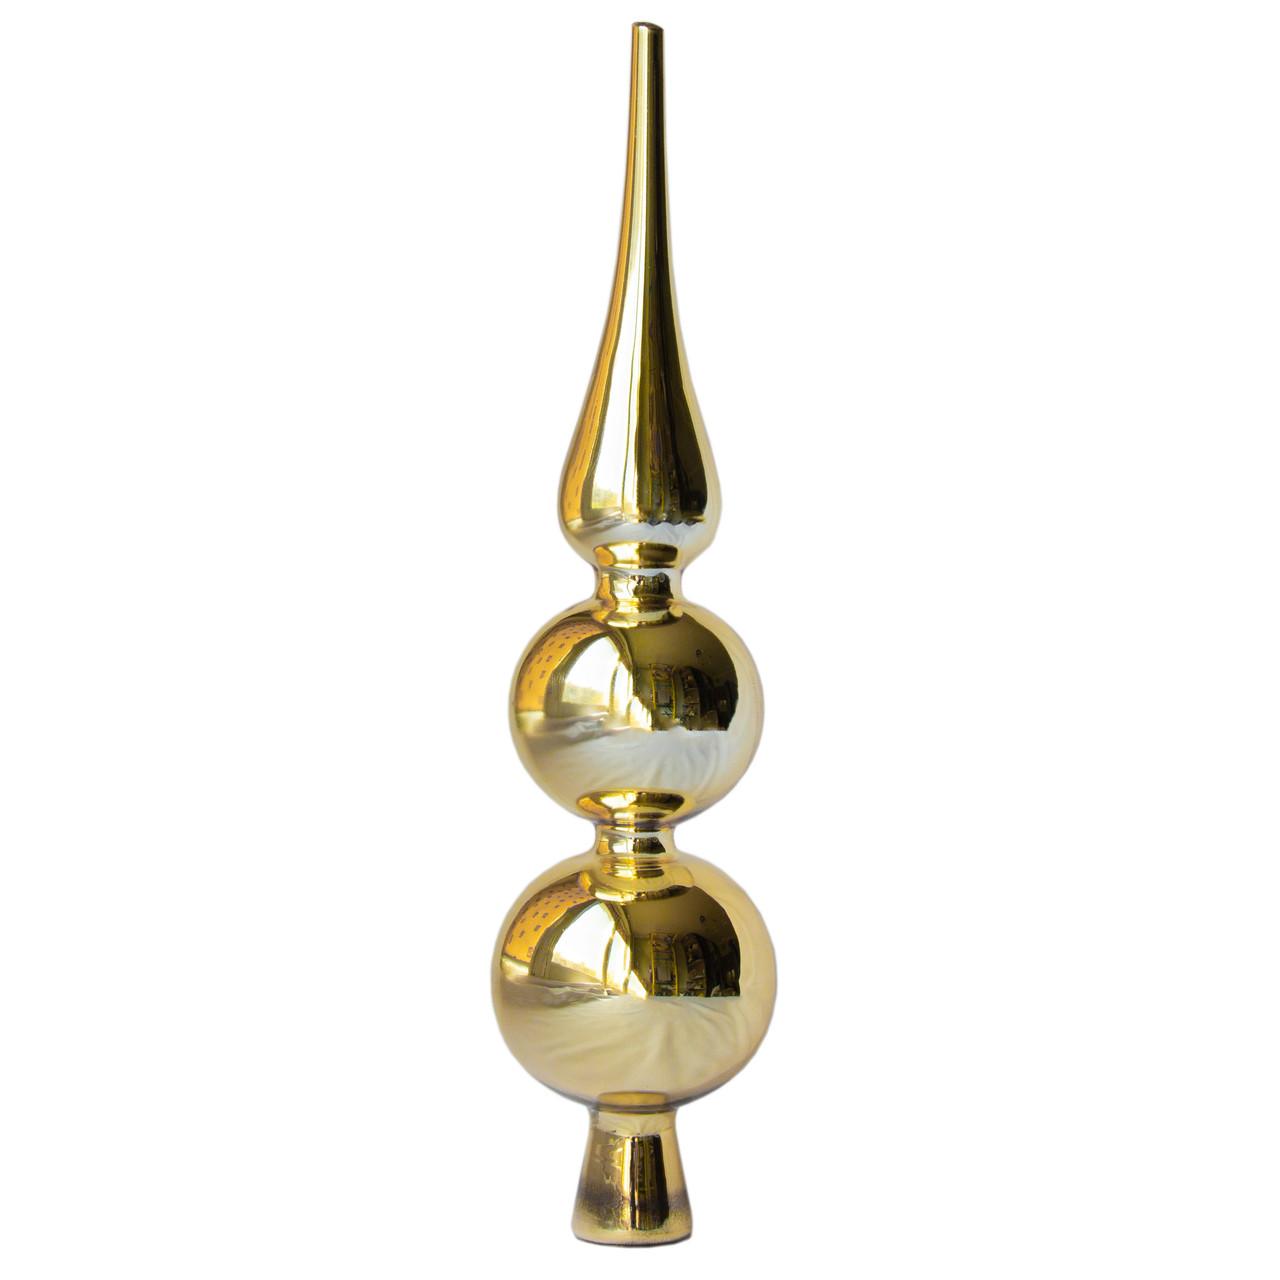 Верхушка для елки h30 * d7 см, стекло, золото глянец (390045-9)